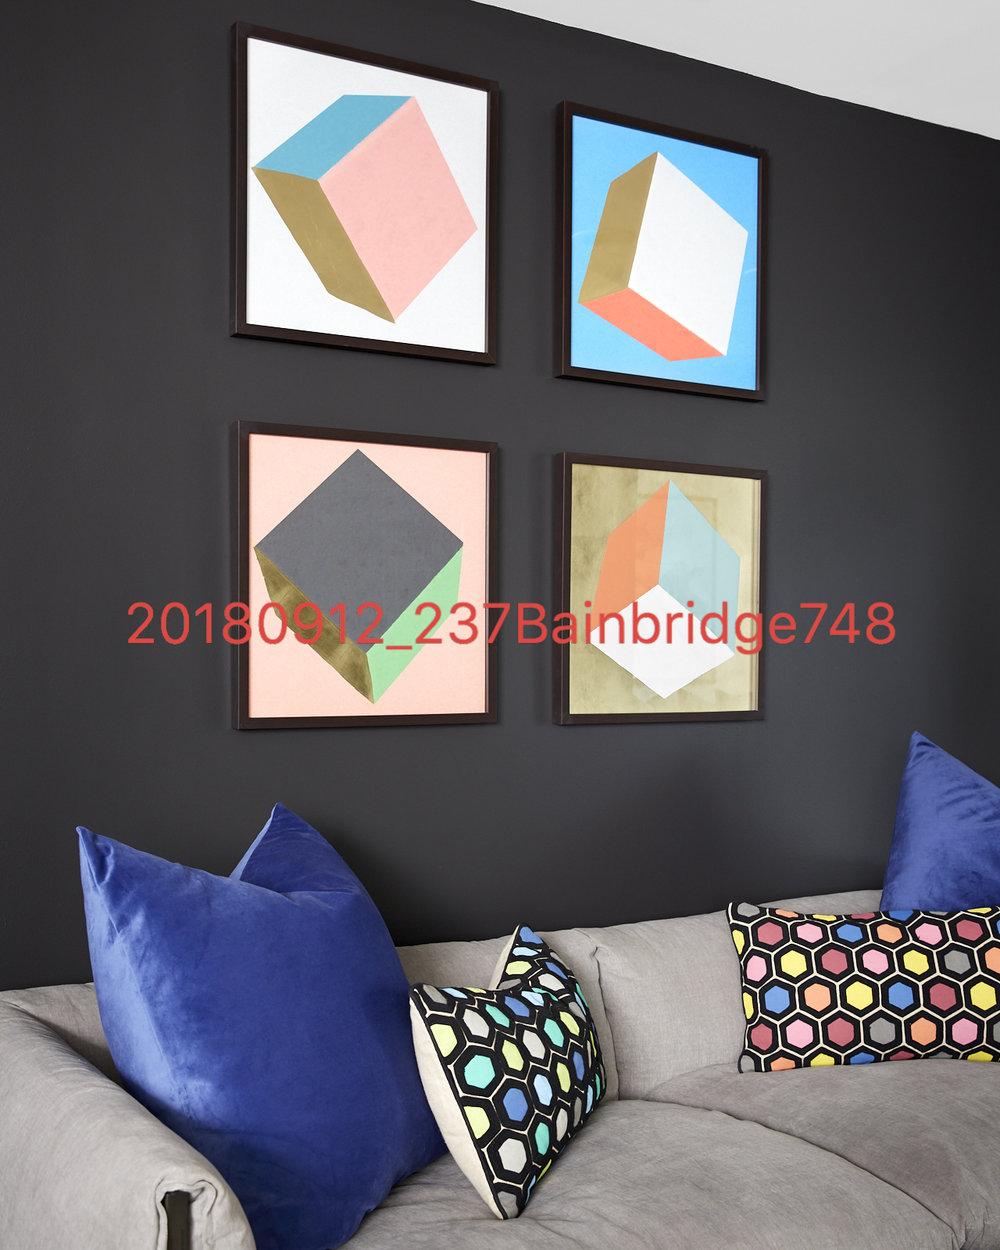 Bainbridge Sample_Web Gallery_129.jpg